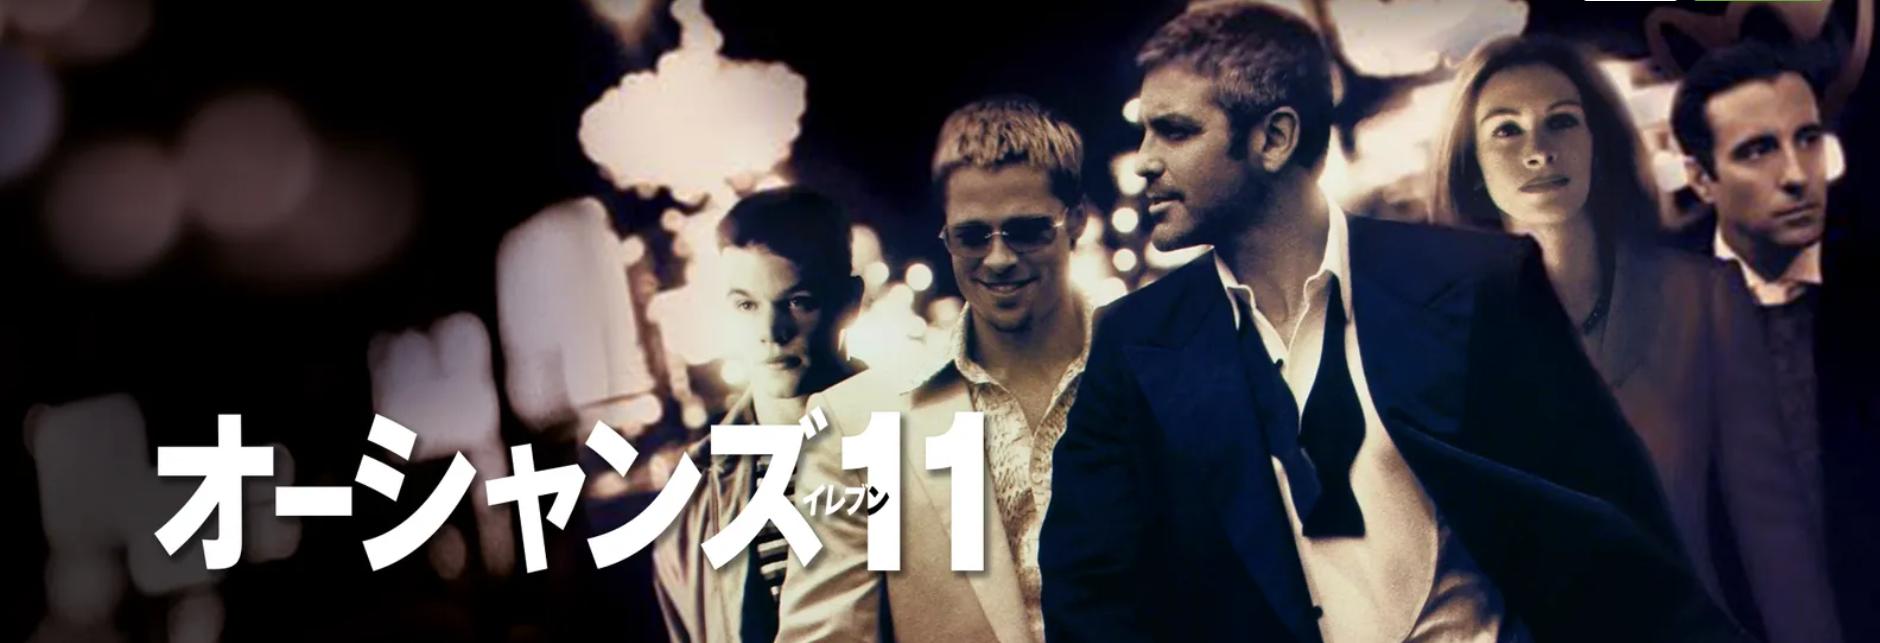 映画|オーシャンズ11の動画を無料視聴できる配信サイト